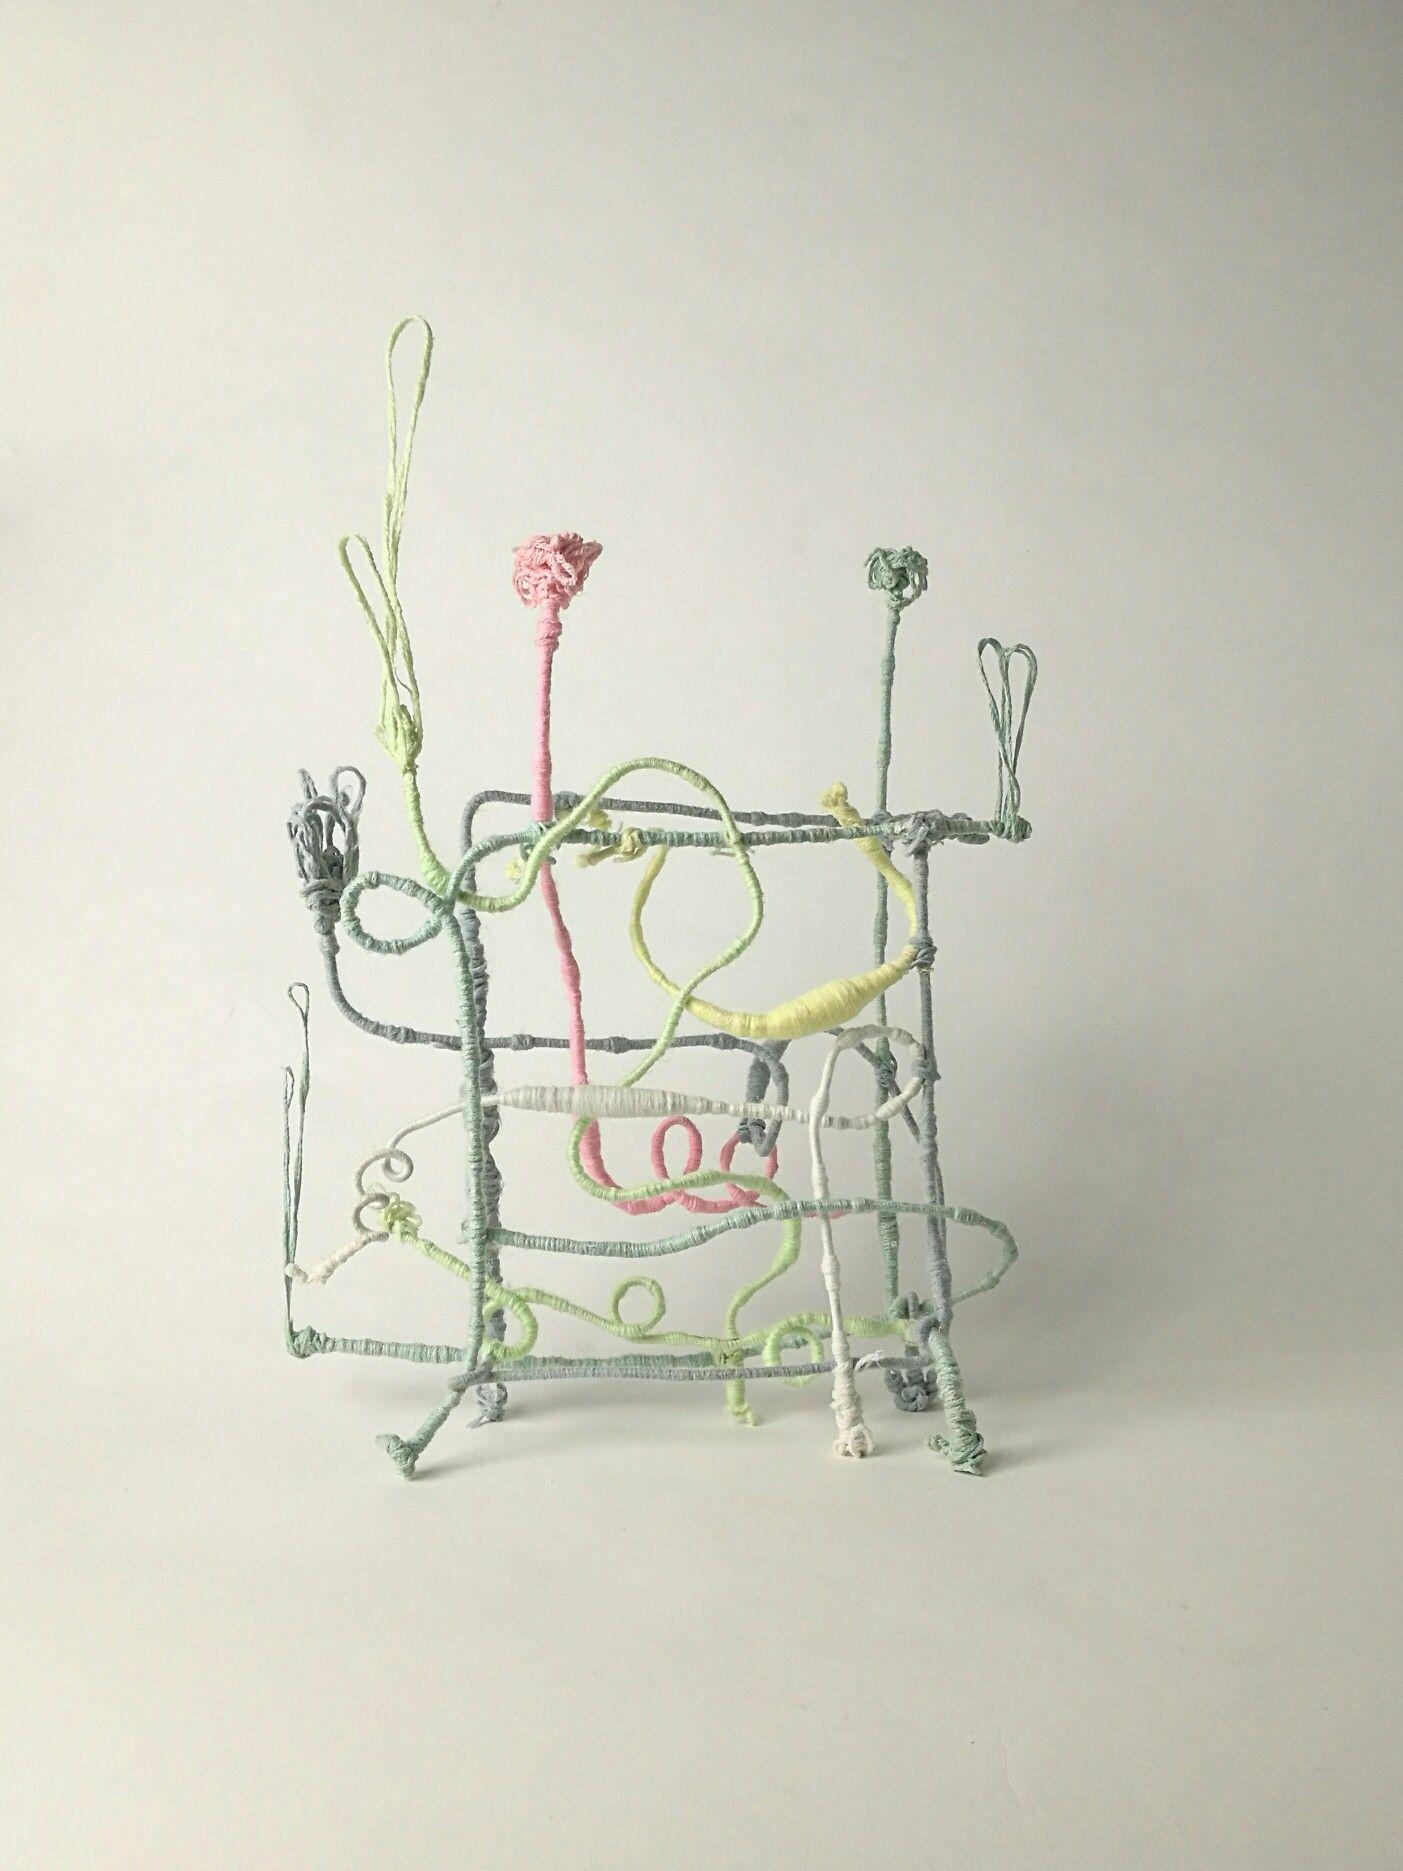 Lana su ferro, contemporaryart, scultura, andrea viviani